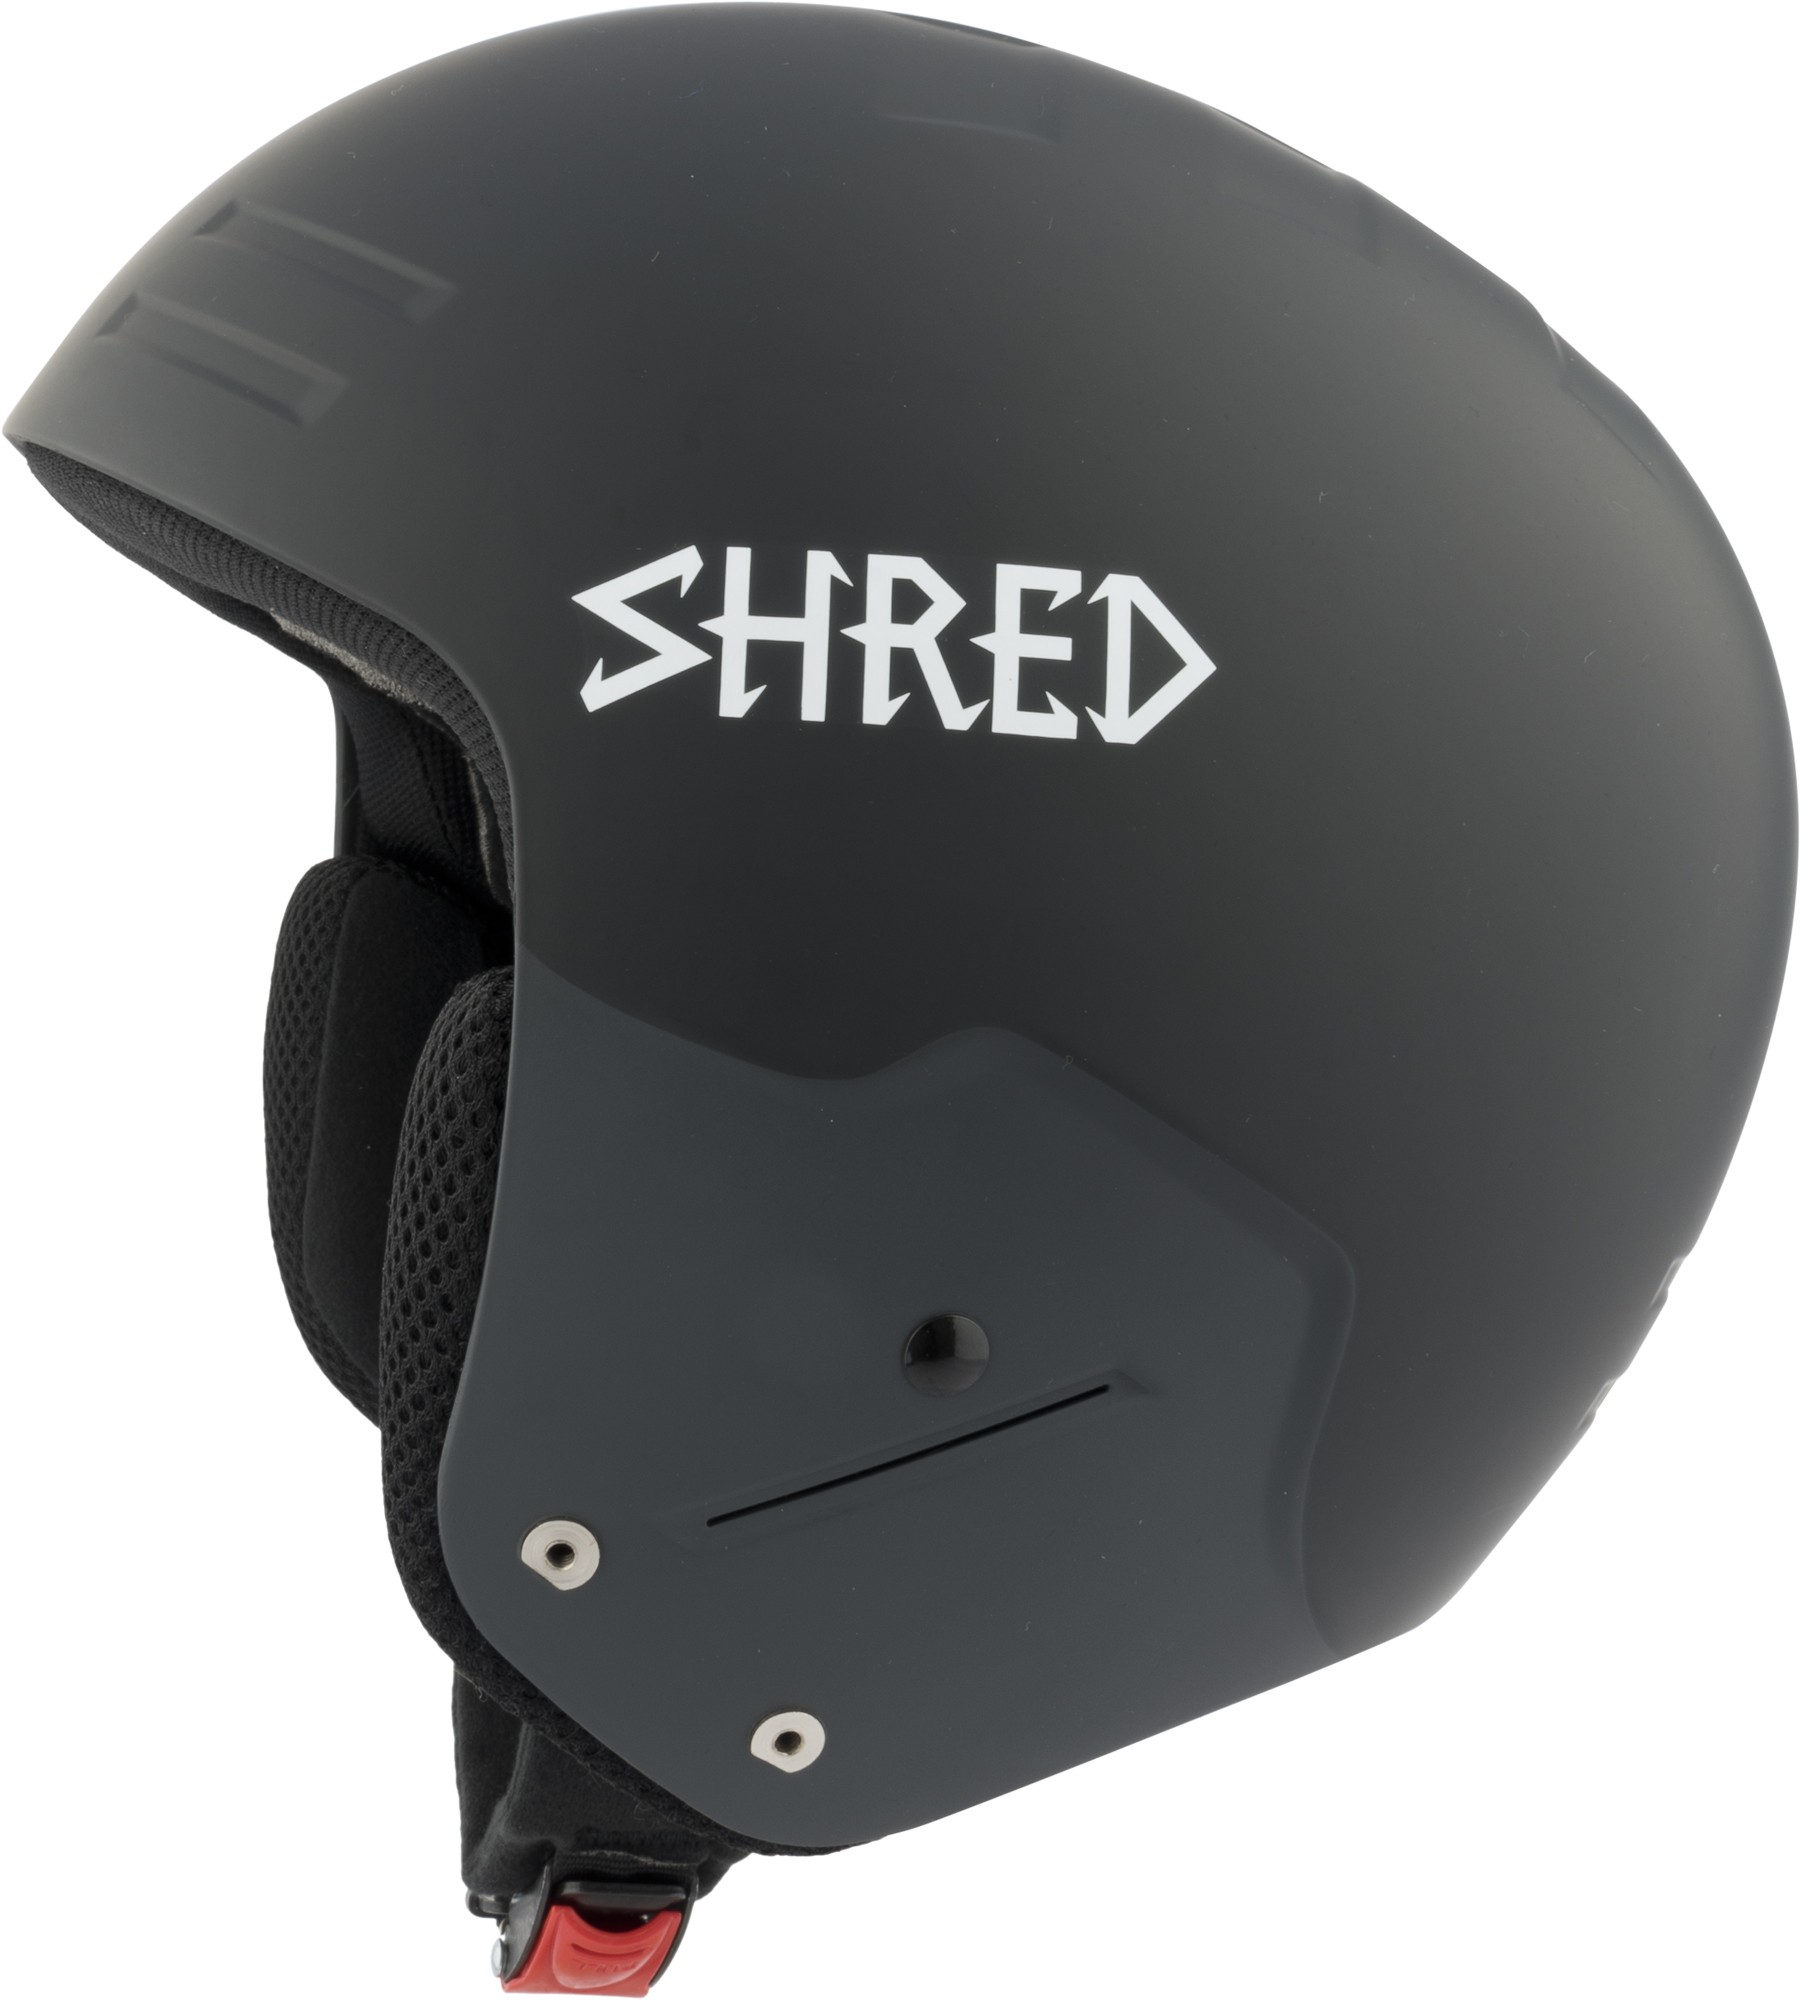 Shred FIS BASHER NoShock Blackout ski helmet, 2018